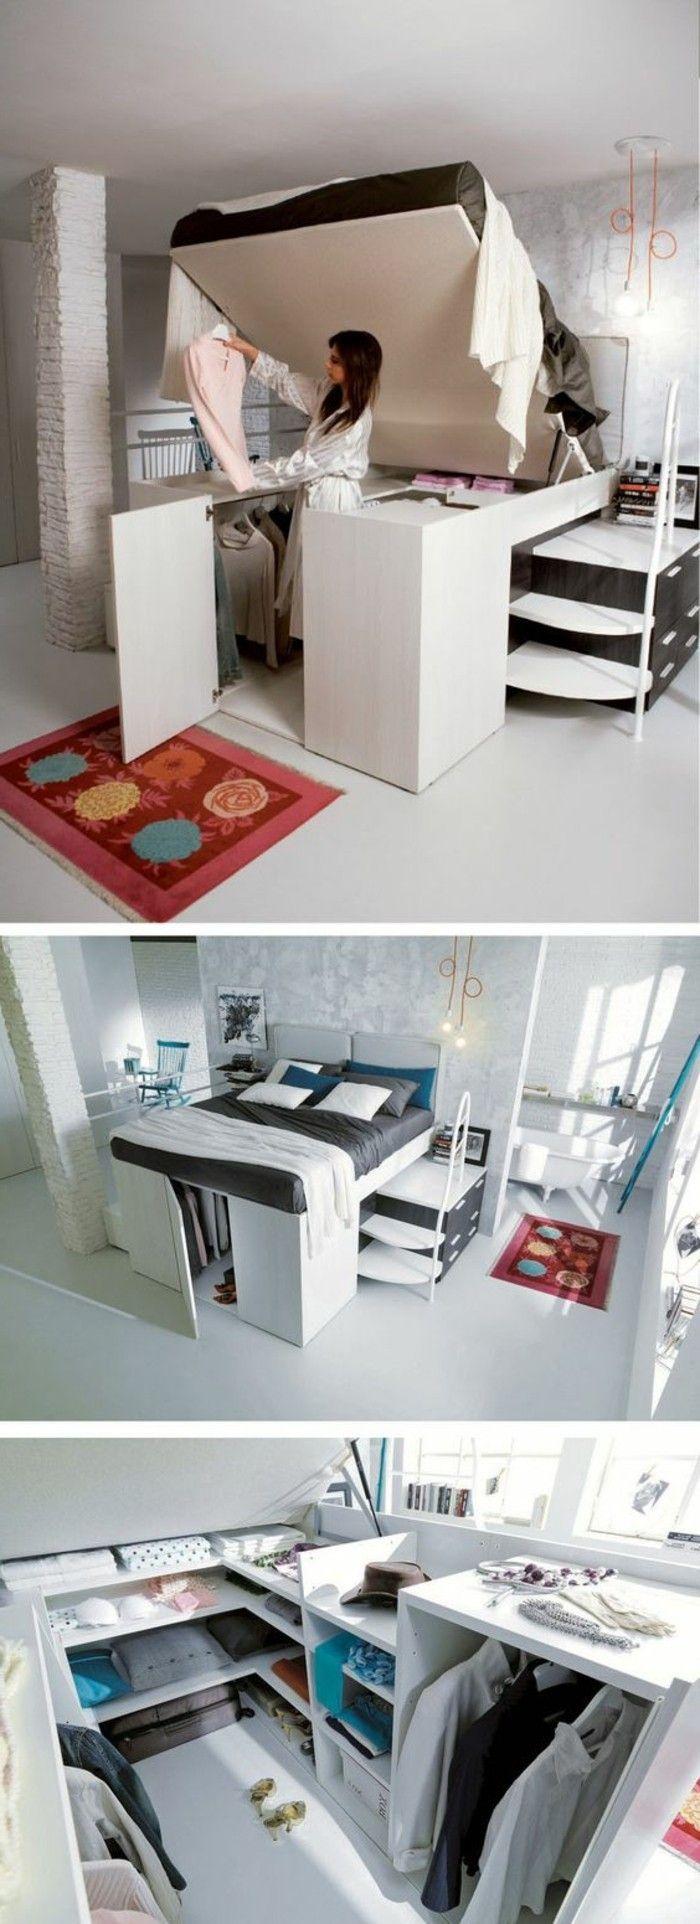 1001 Ideen Zum Thema Kleine Raume Geschickt Einrichten Kleine Wohnung Einrichten Kleines Schlafzimmer Einrichten Zimmer Einrichten